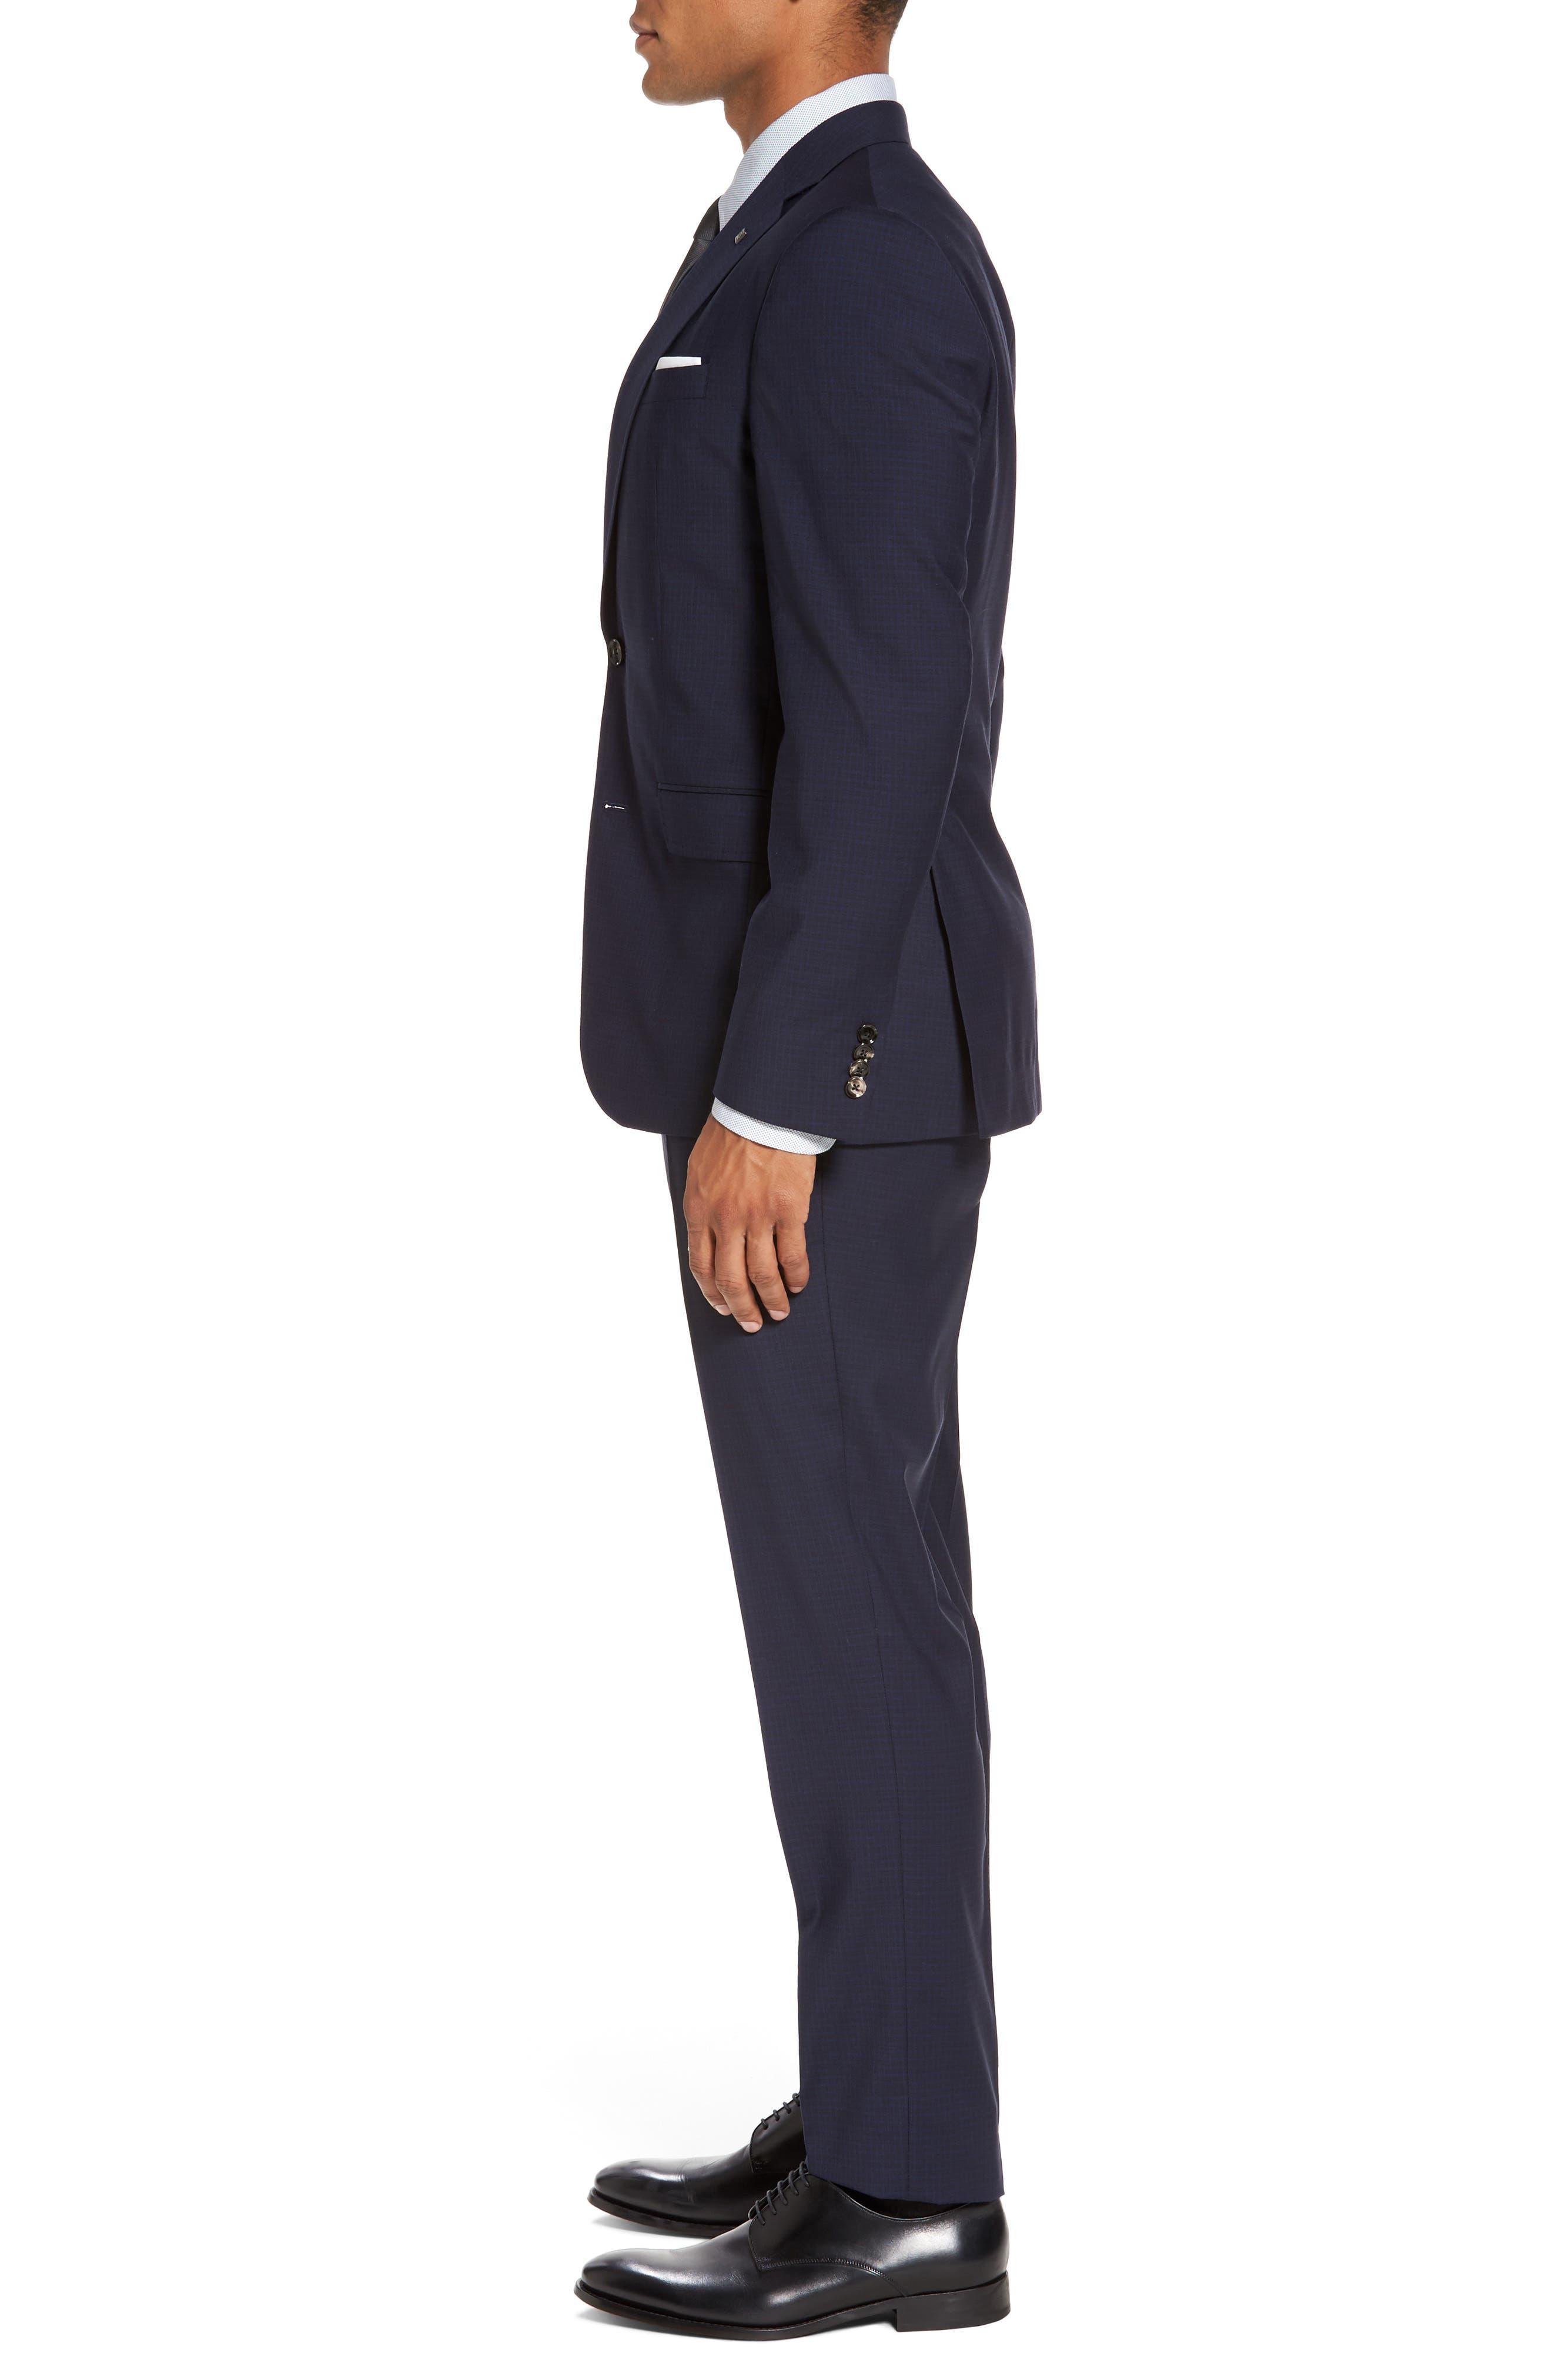 Roger Trim Fit Check Wool Suit,                             Alternate thumbnail 3, color,                             410